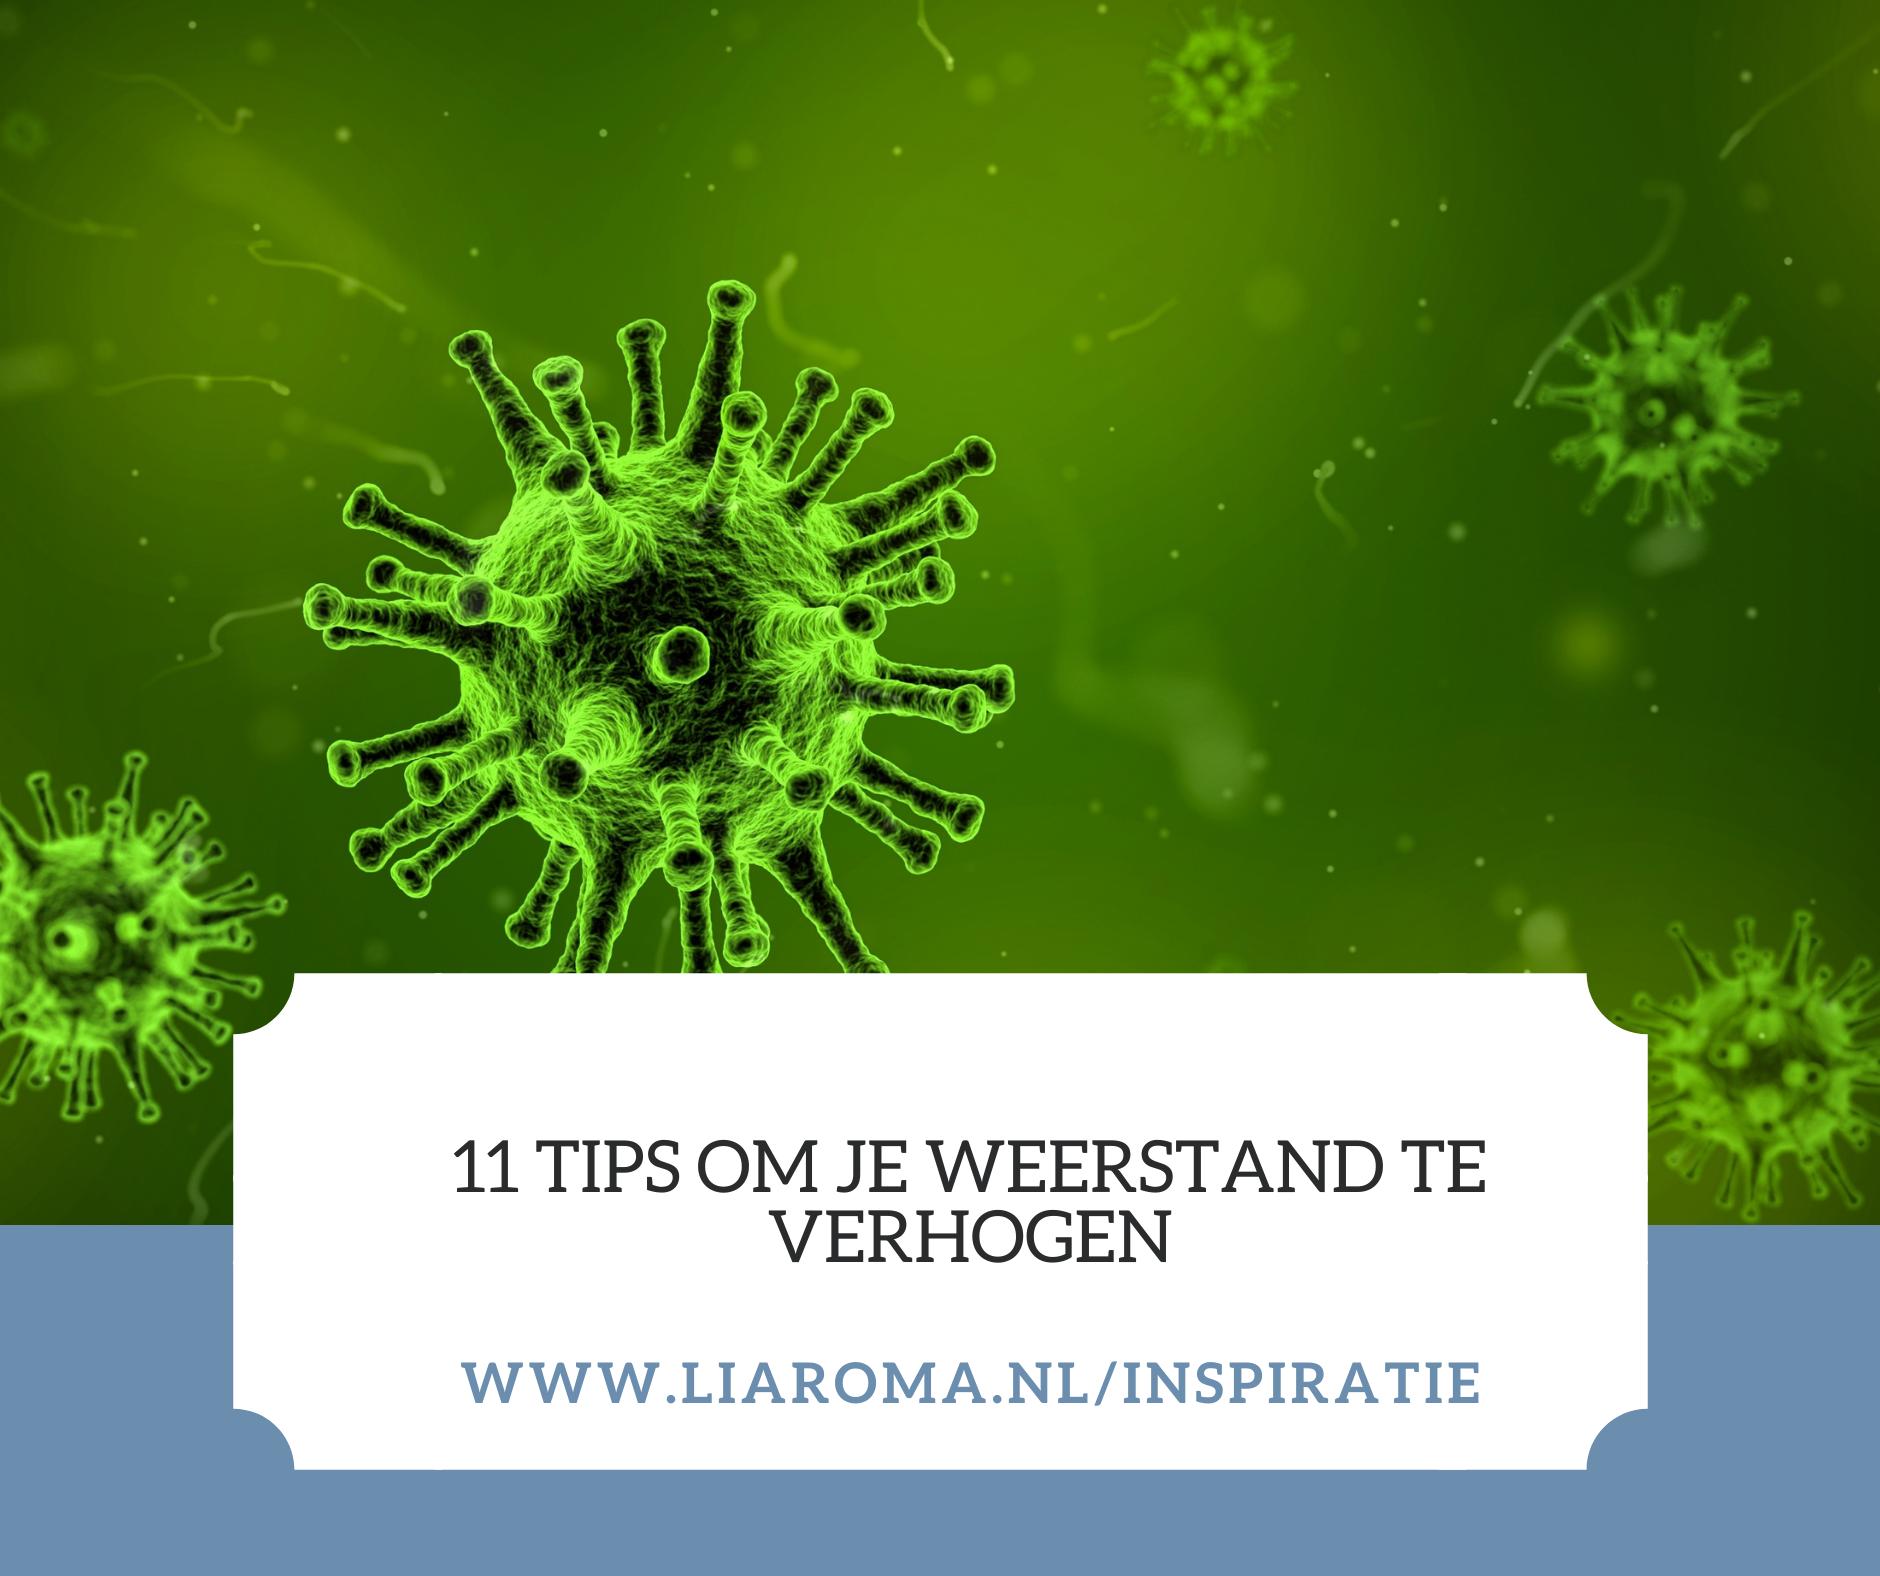 11 Tips je weerstand te verhogen